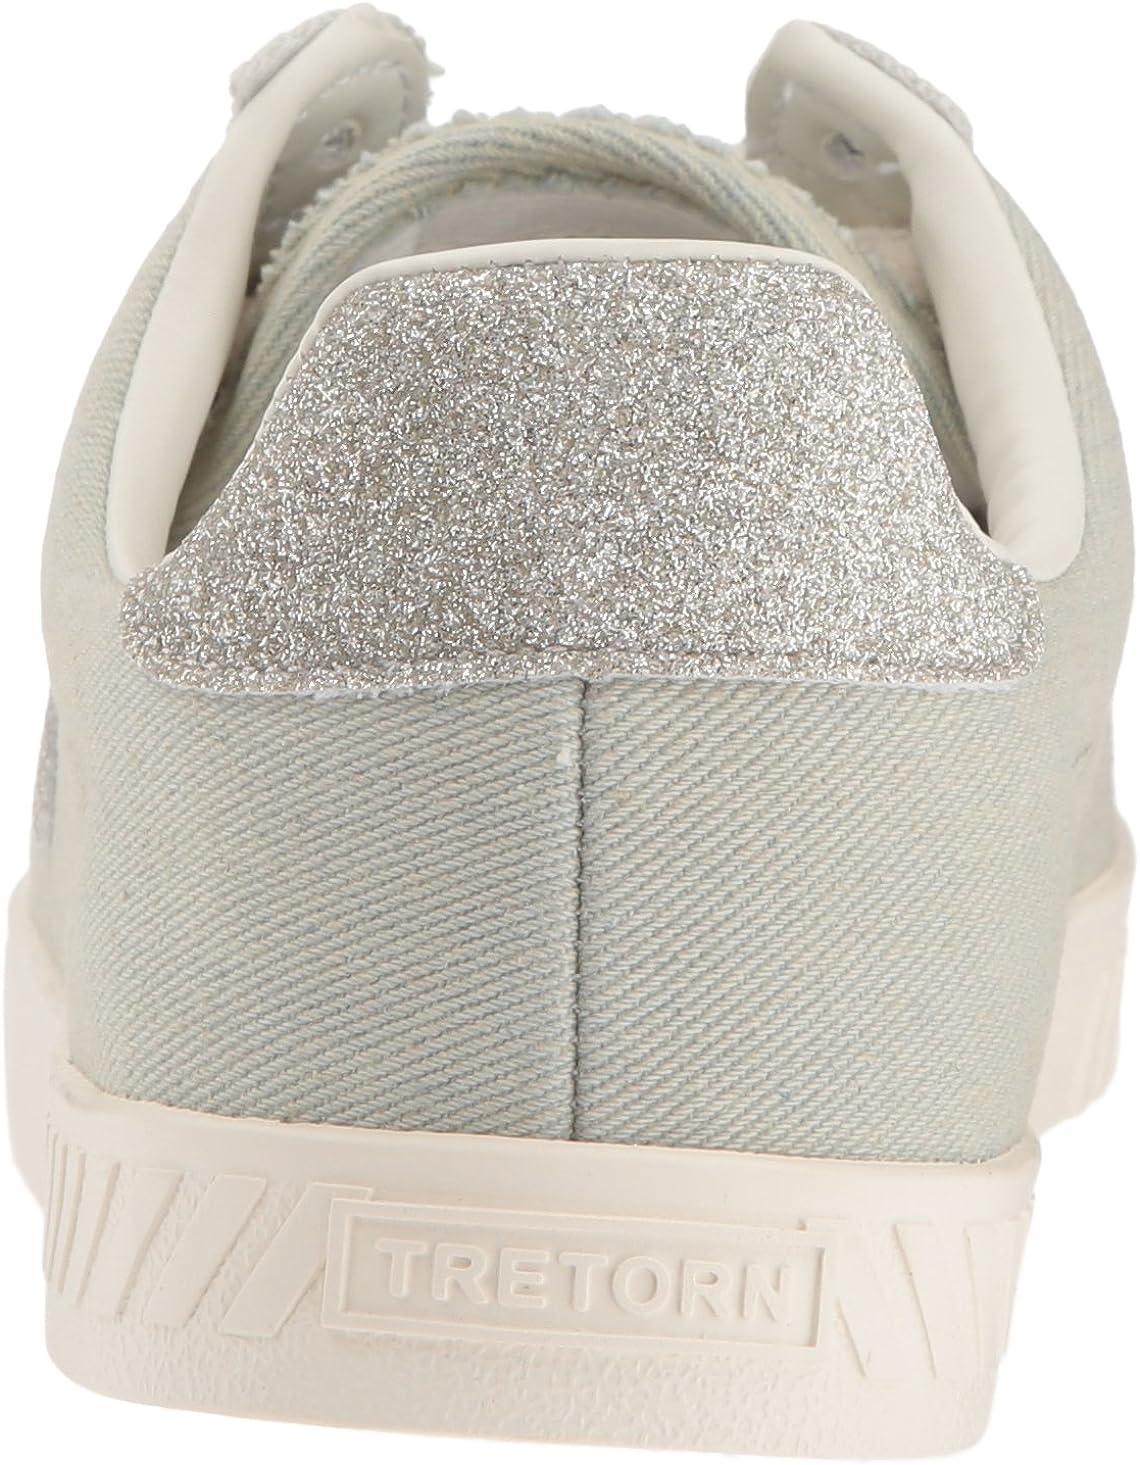 TRETORN Women's Camden Sneaker Denim Blue